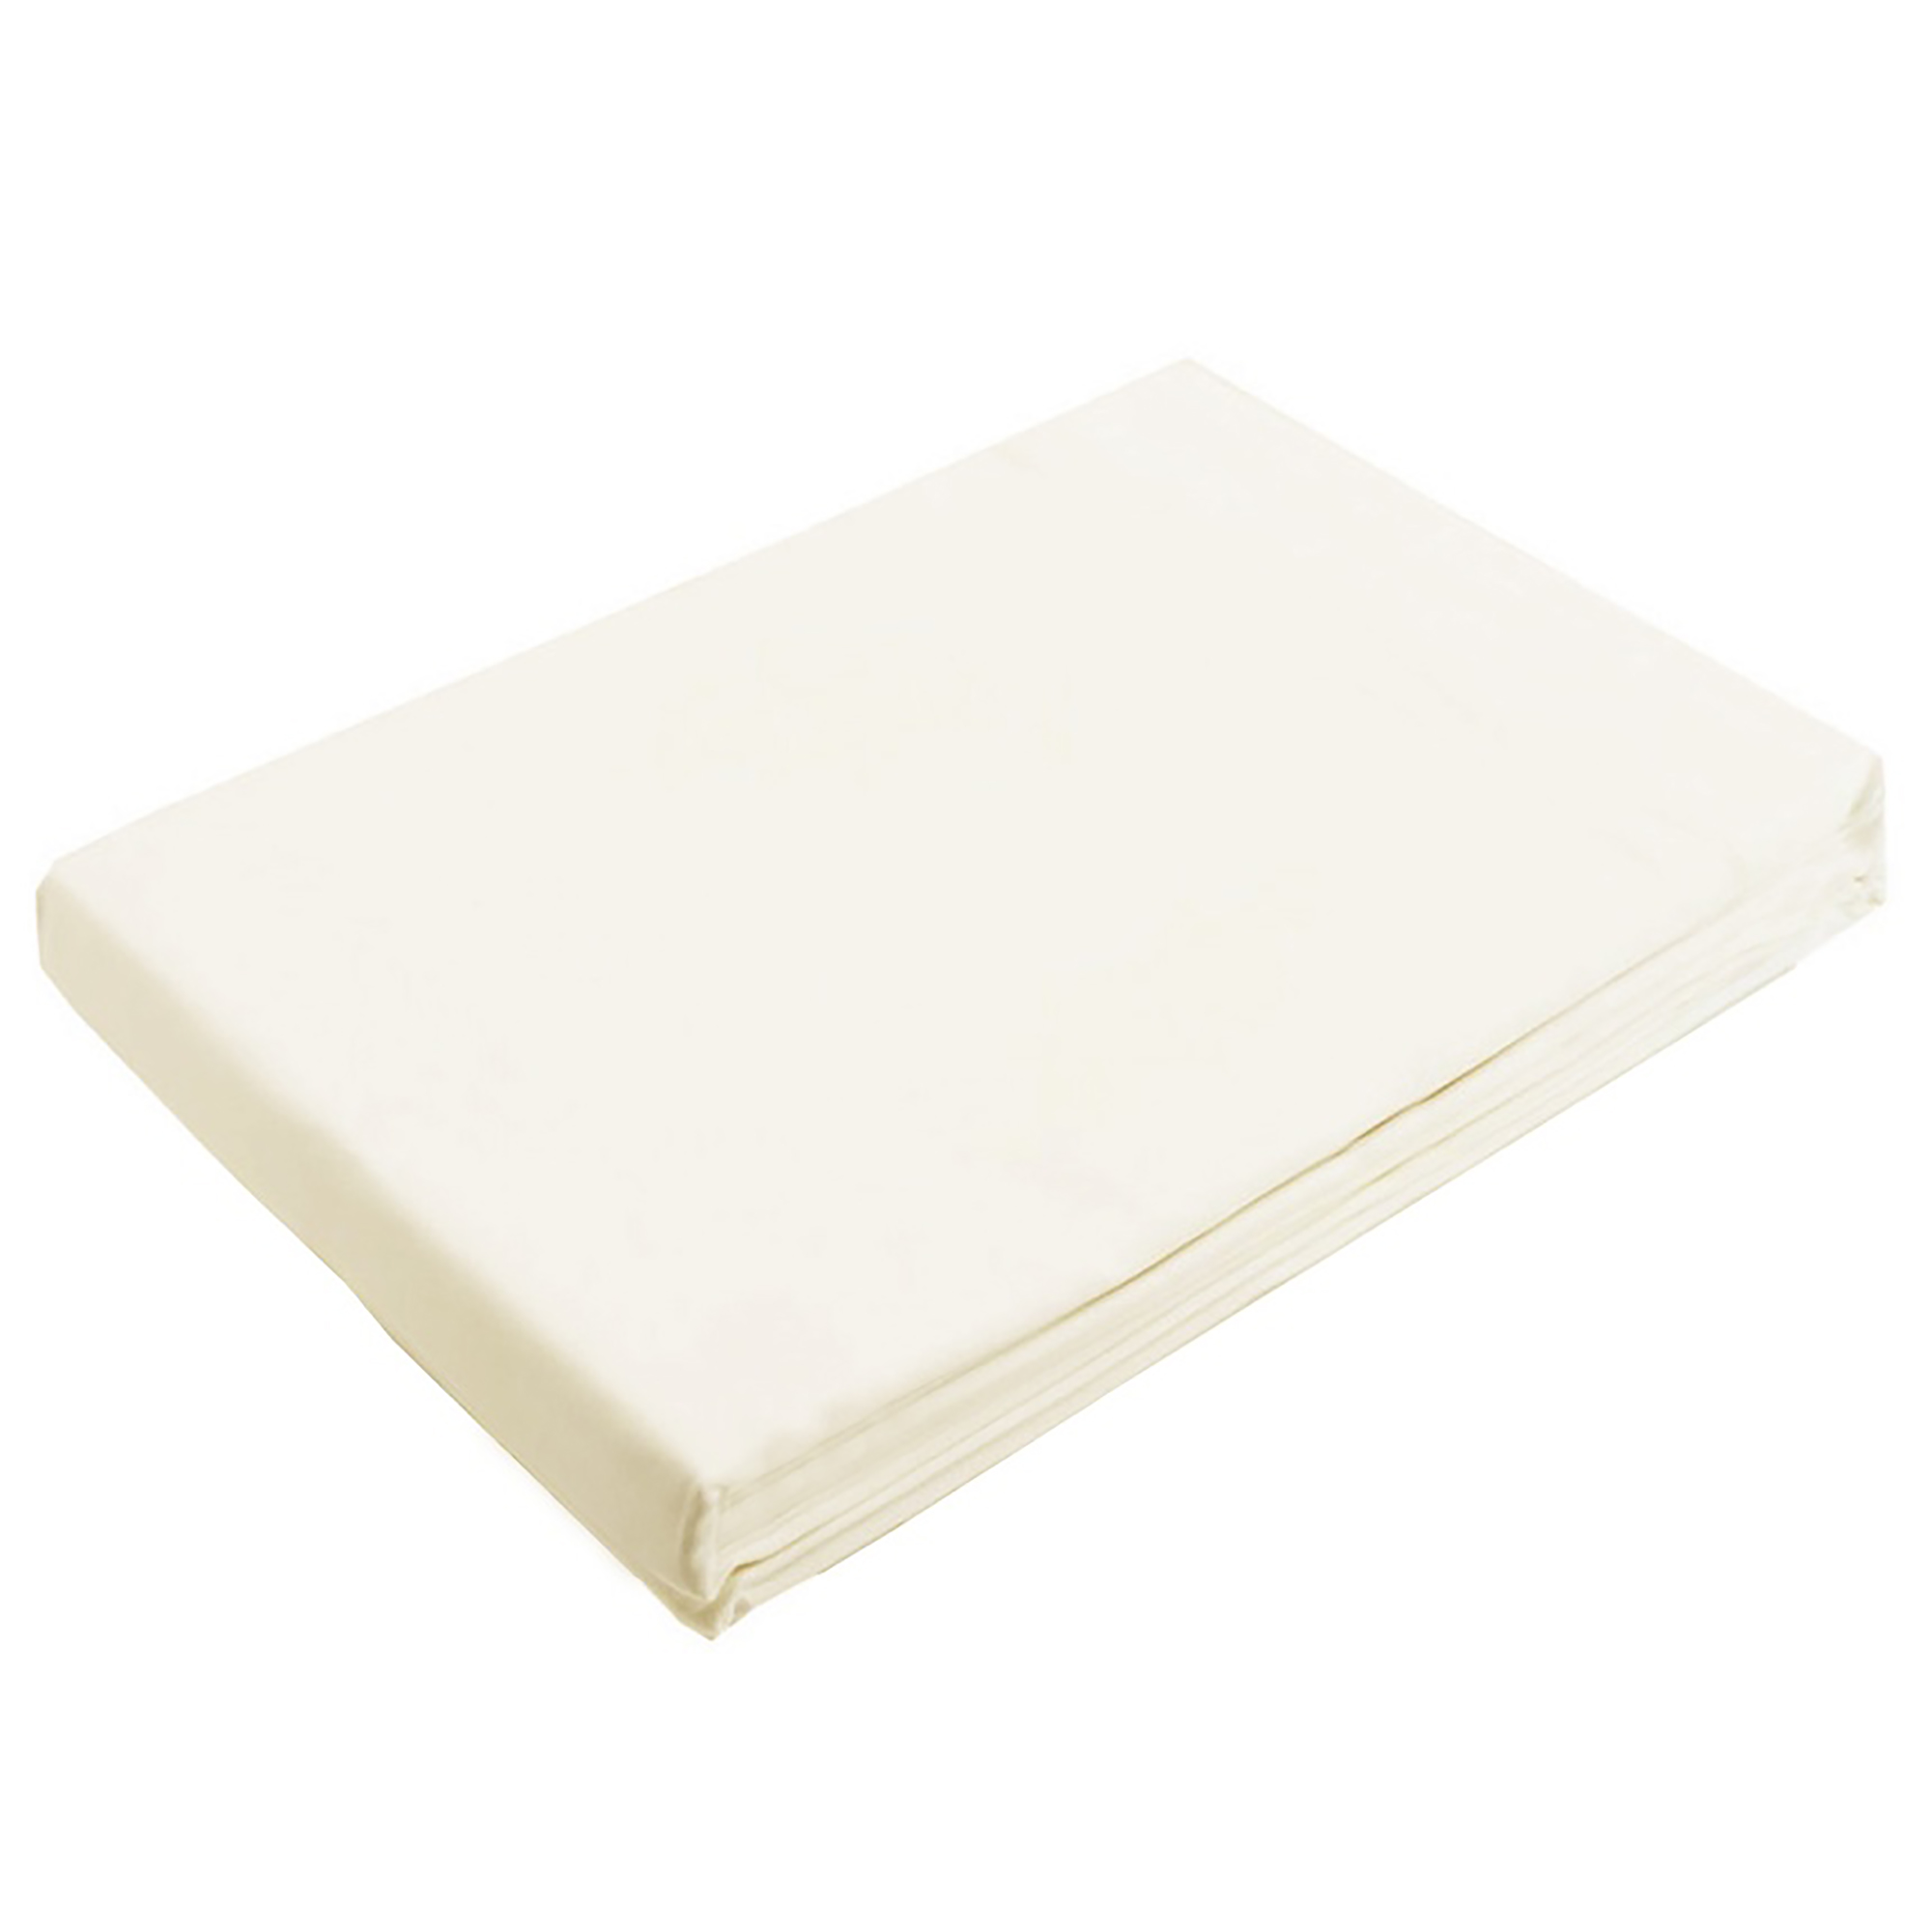 Plain 100% Egyptian Cotton Flat Bed Sheet Mattress Topper